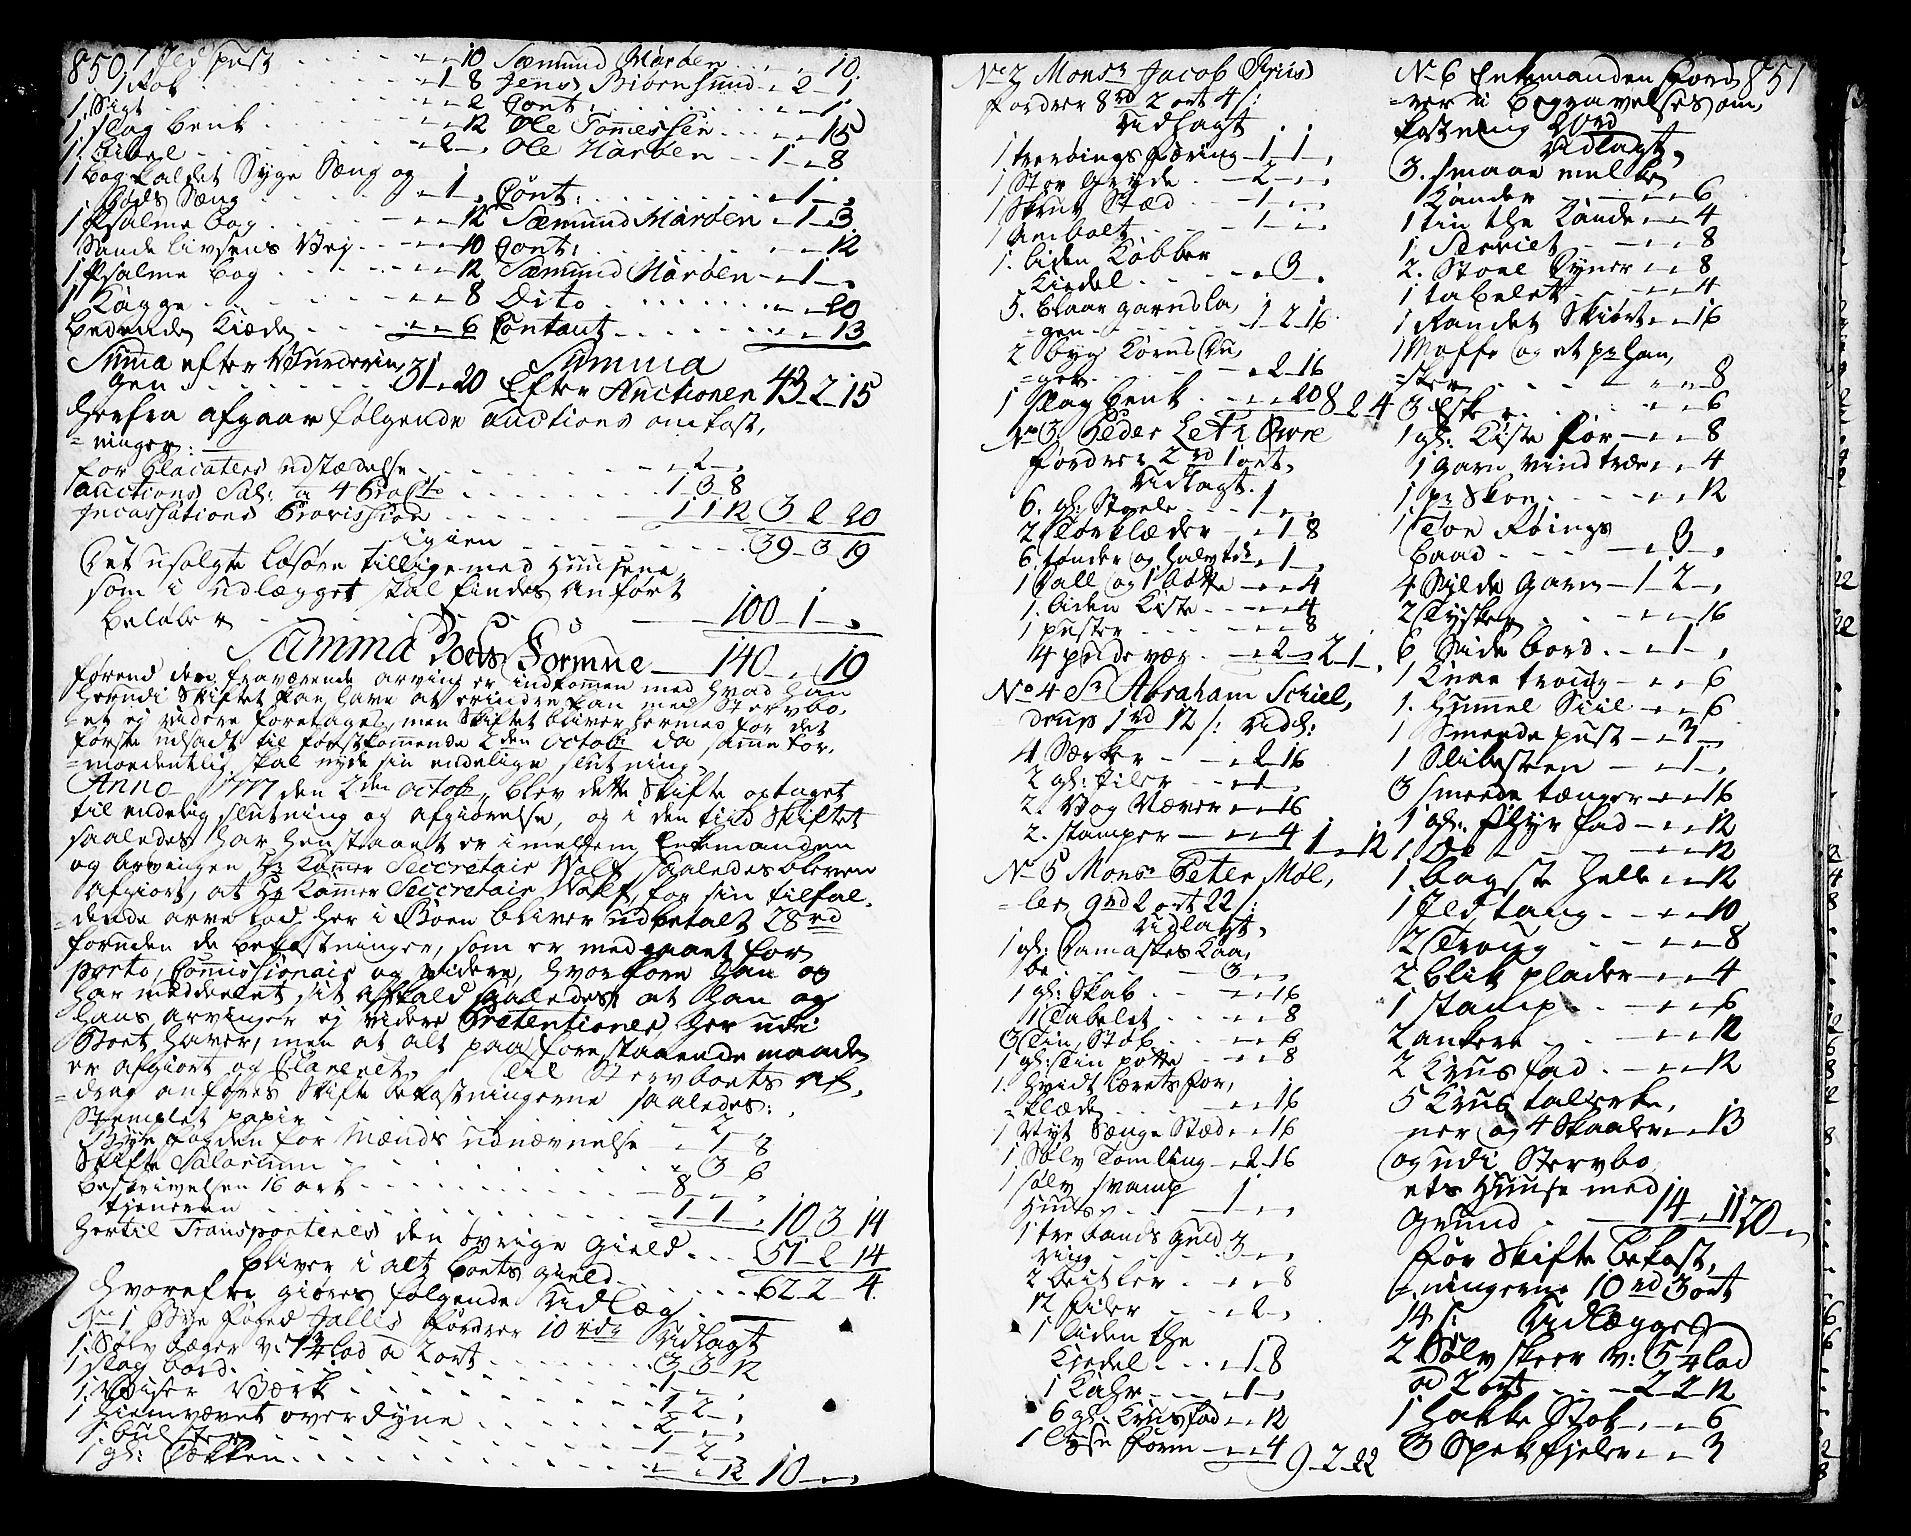 SAT, Molde byfogd, 3Aa/L0002: Skifteprotokoll, 1768-1787, s. 850-851